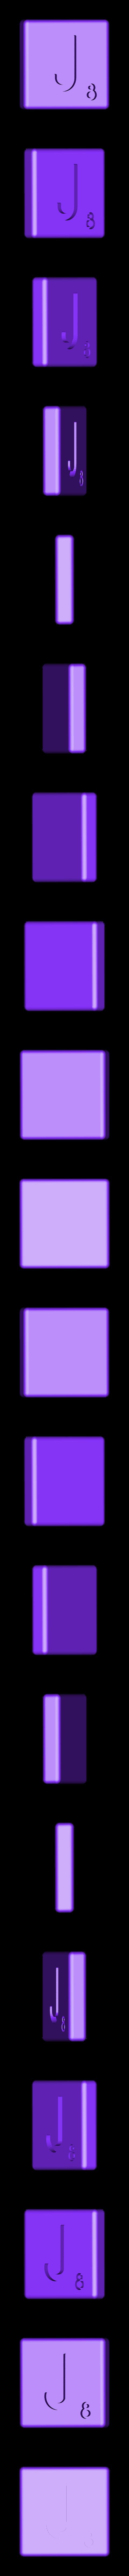 Dual_Shell_J.STL Télécharger fichier STL gratuit Pièces et support SCRABBBLE • Design pour imprimante 3D, Balkhagal4D